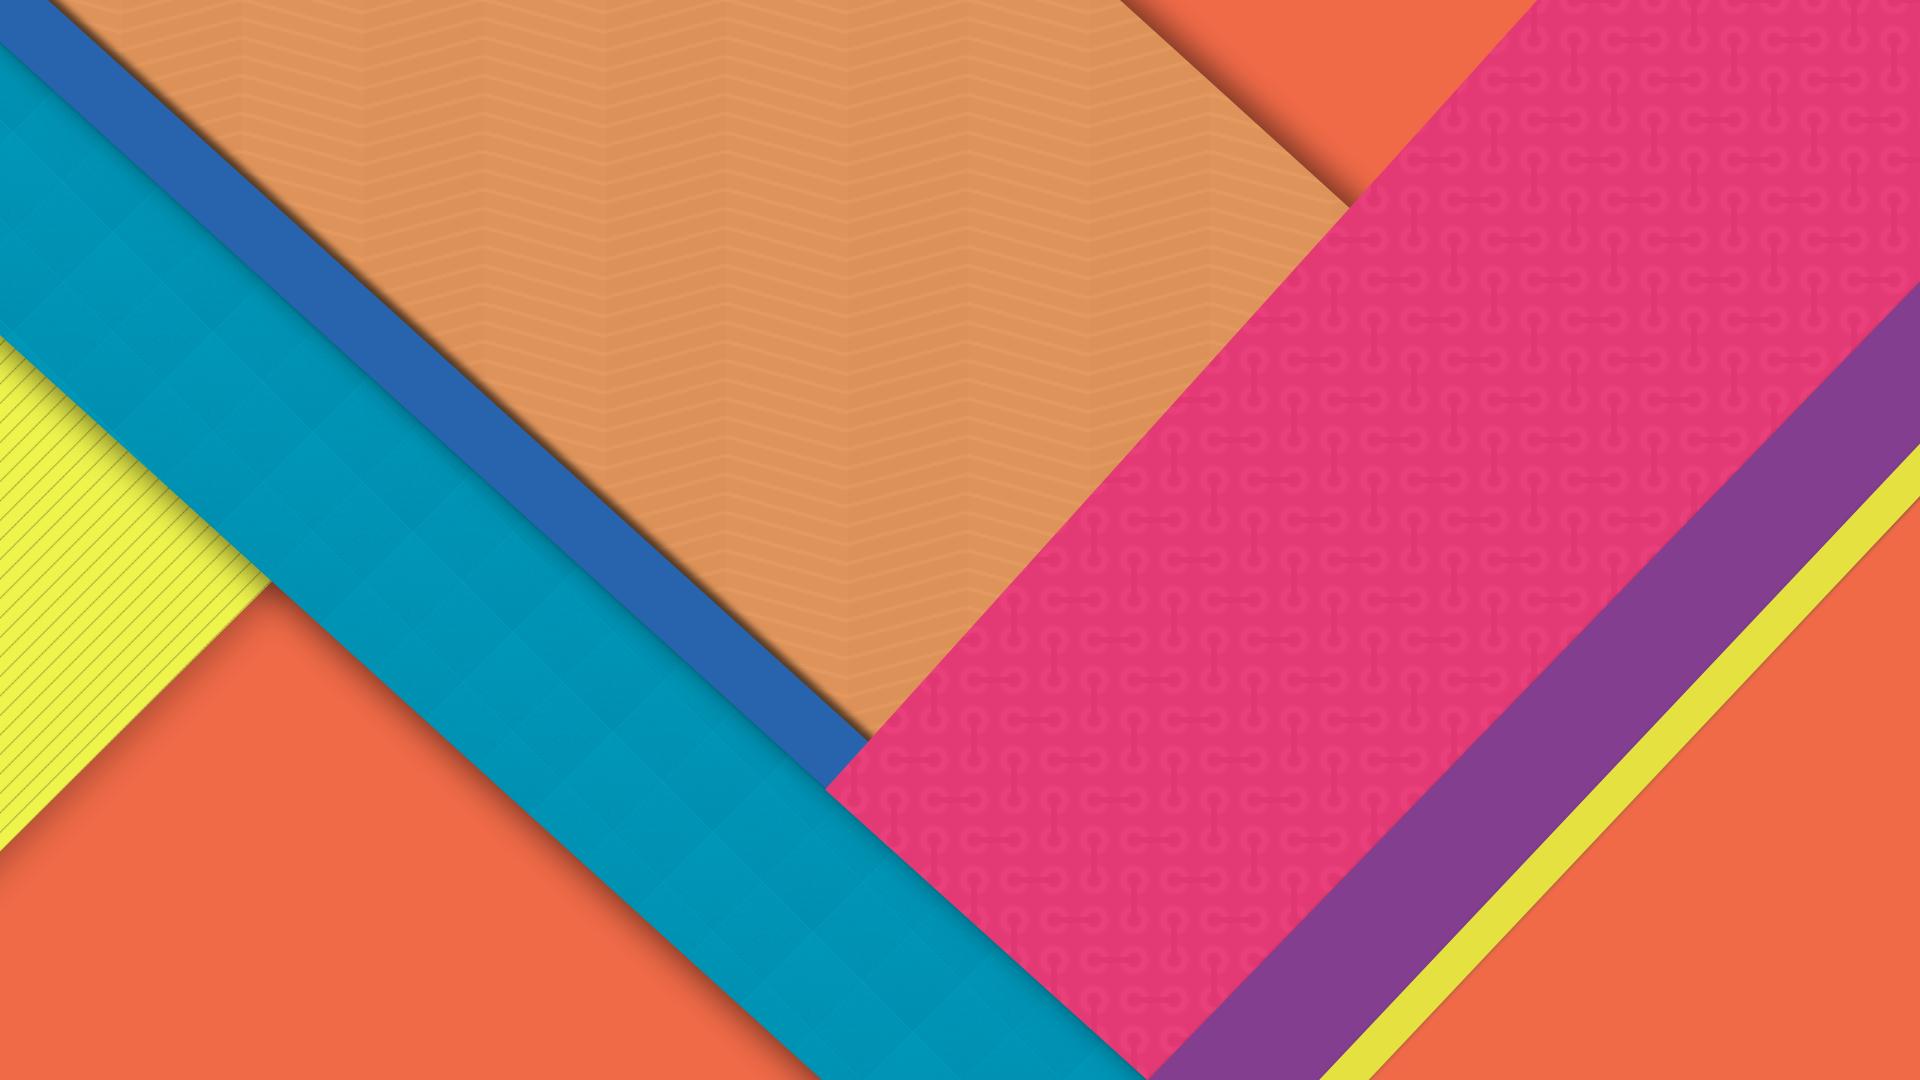 Material design desktop wallpaper bing images for Sfondi material design